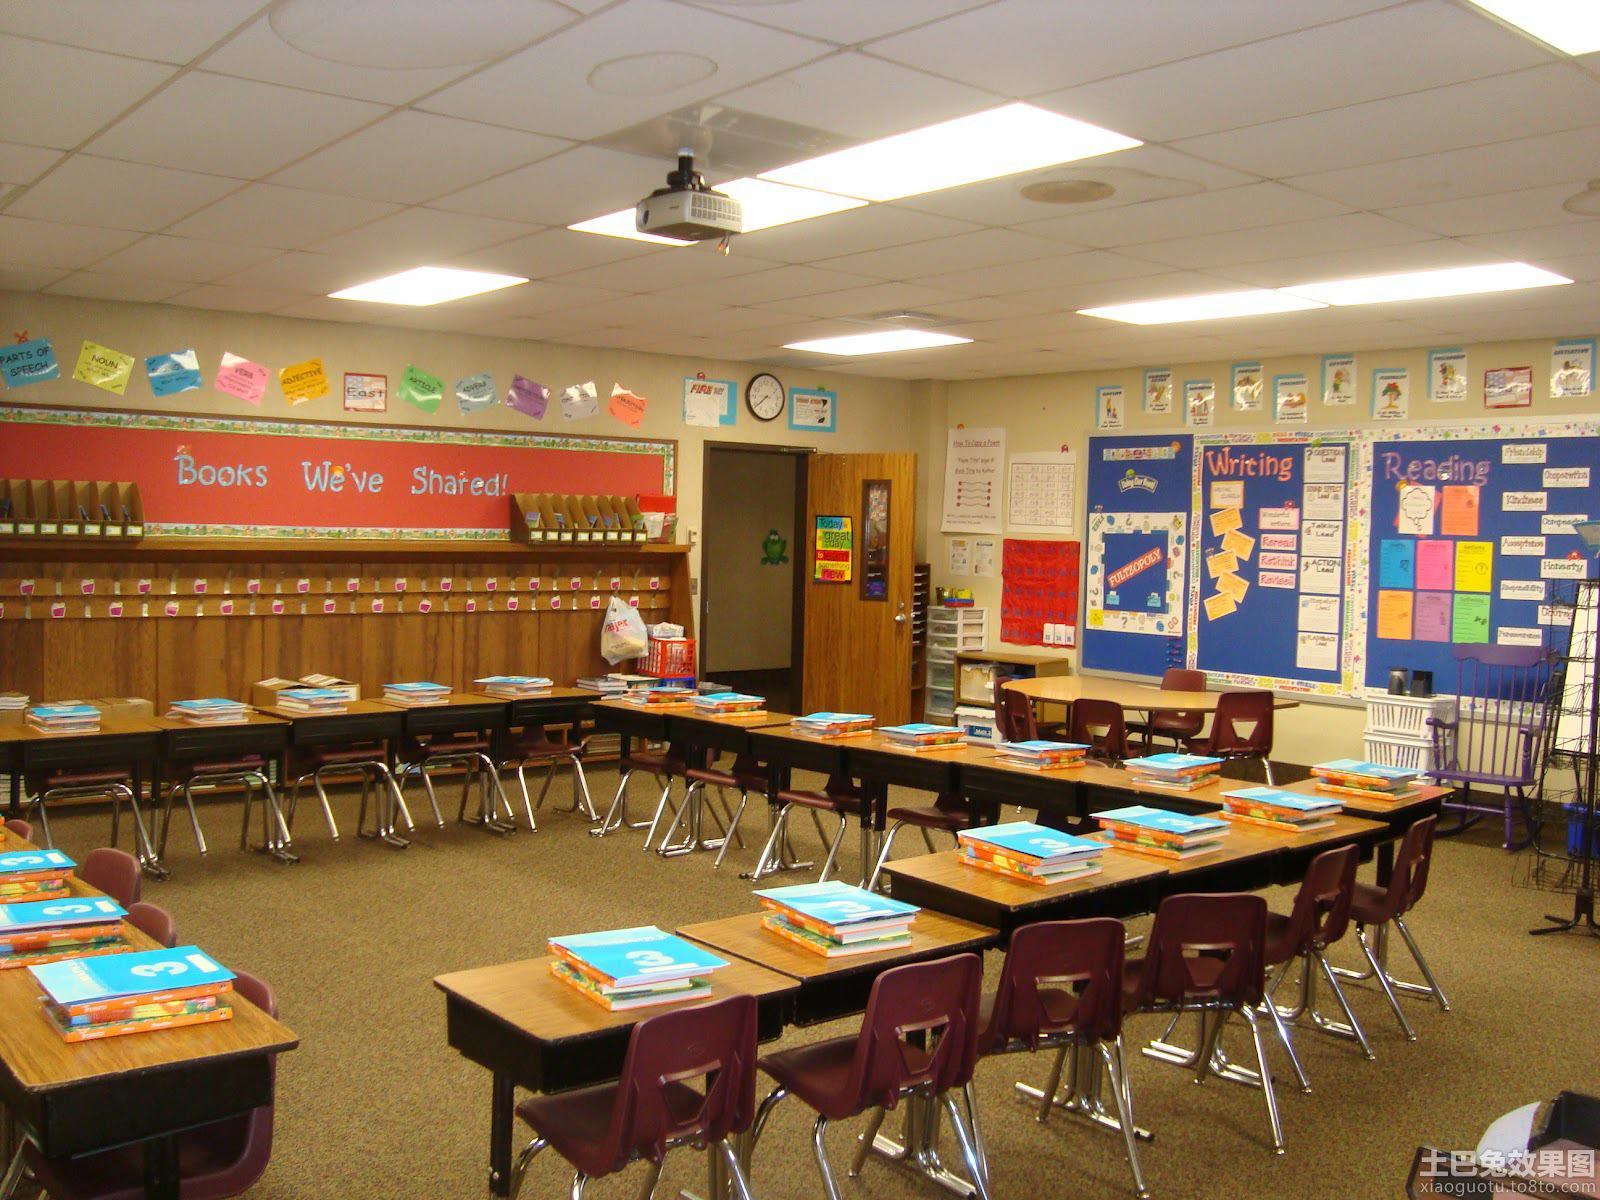 中学布置教室图片装修效果图 第6张 家居图库 九正家居网图片